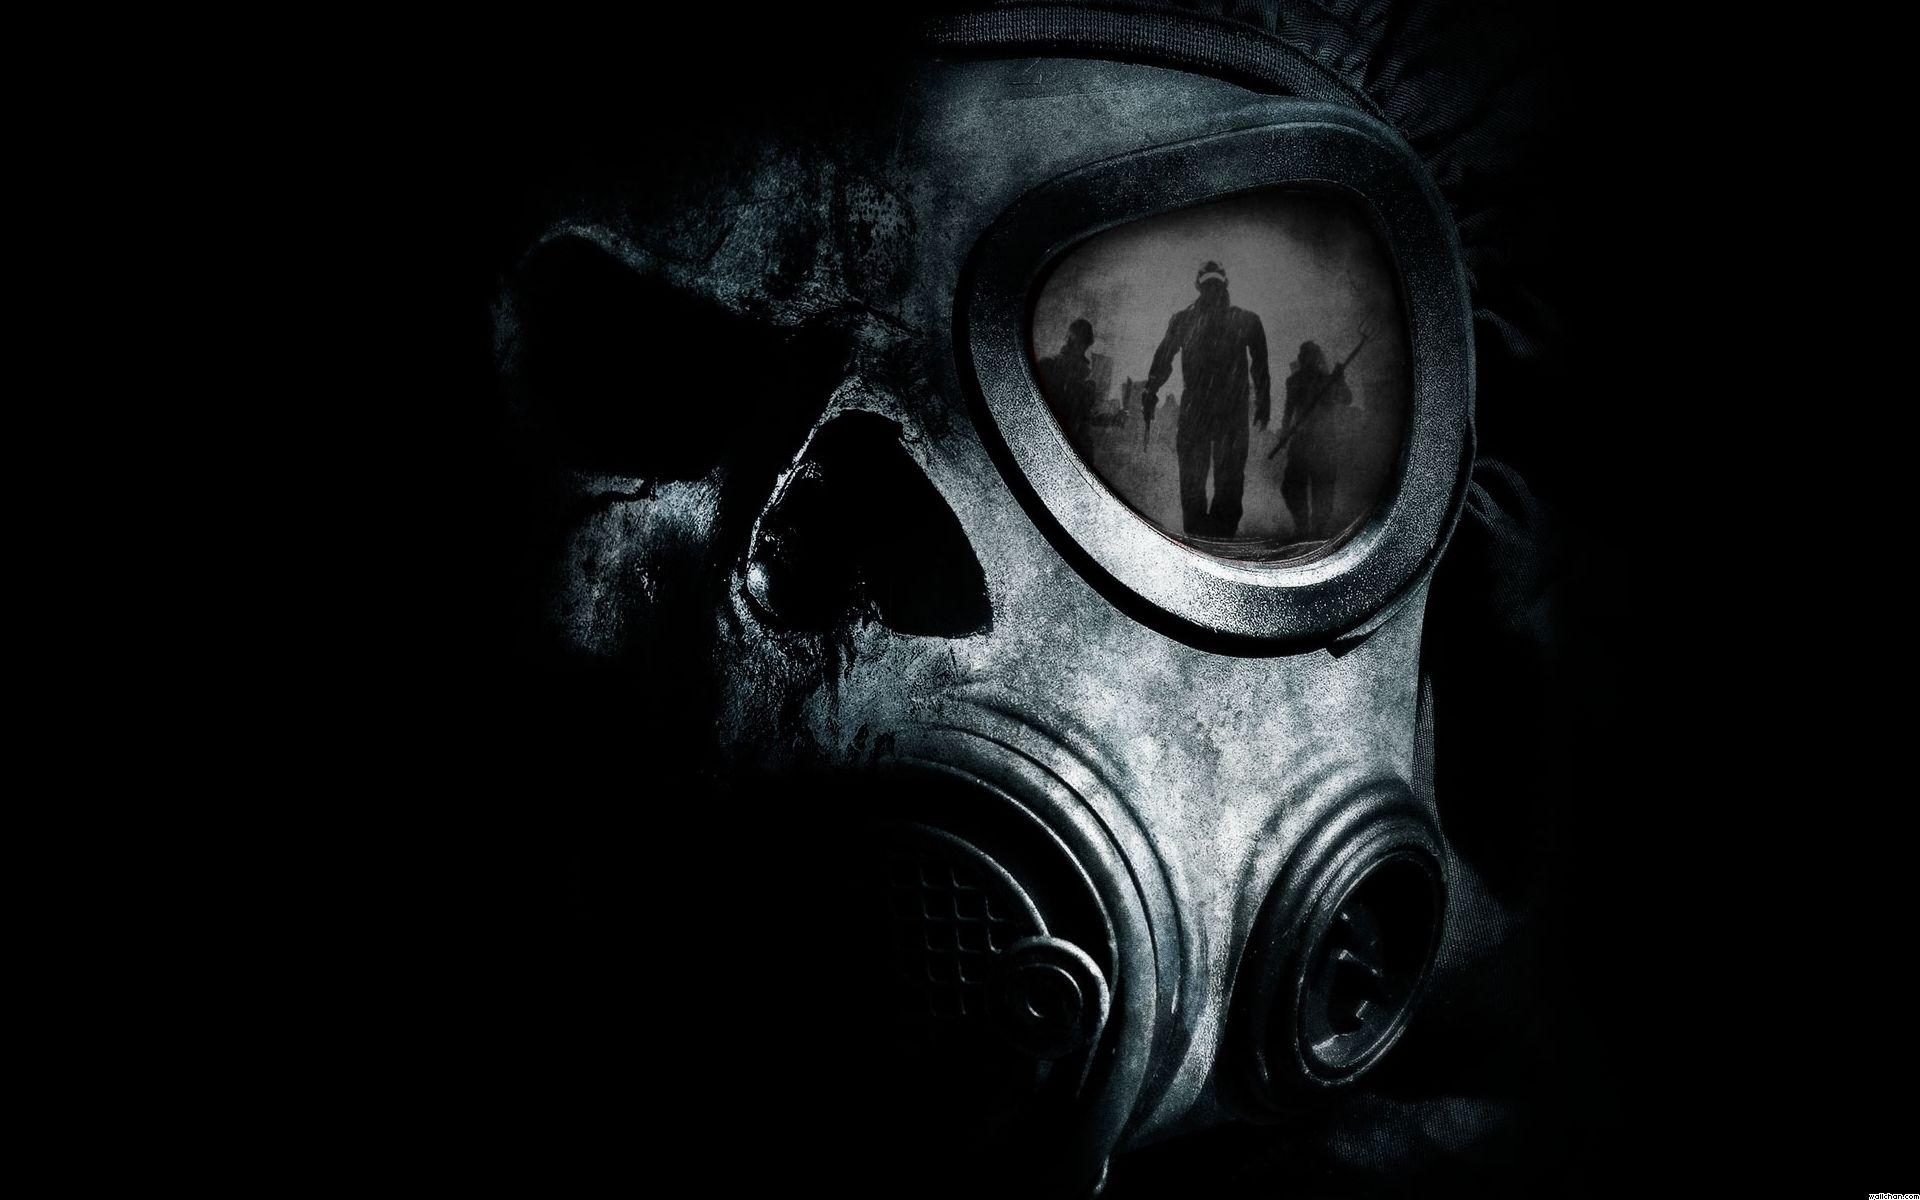 Gas Mask Wallpaper Máscaras De Gas Tatuaje Mascara De Gas